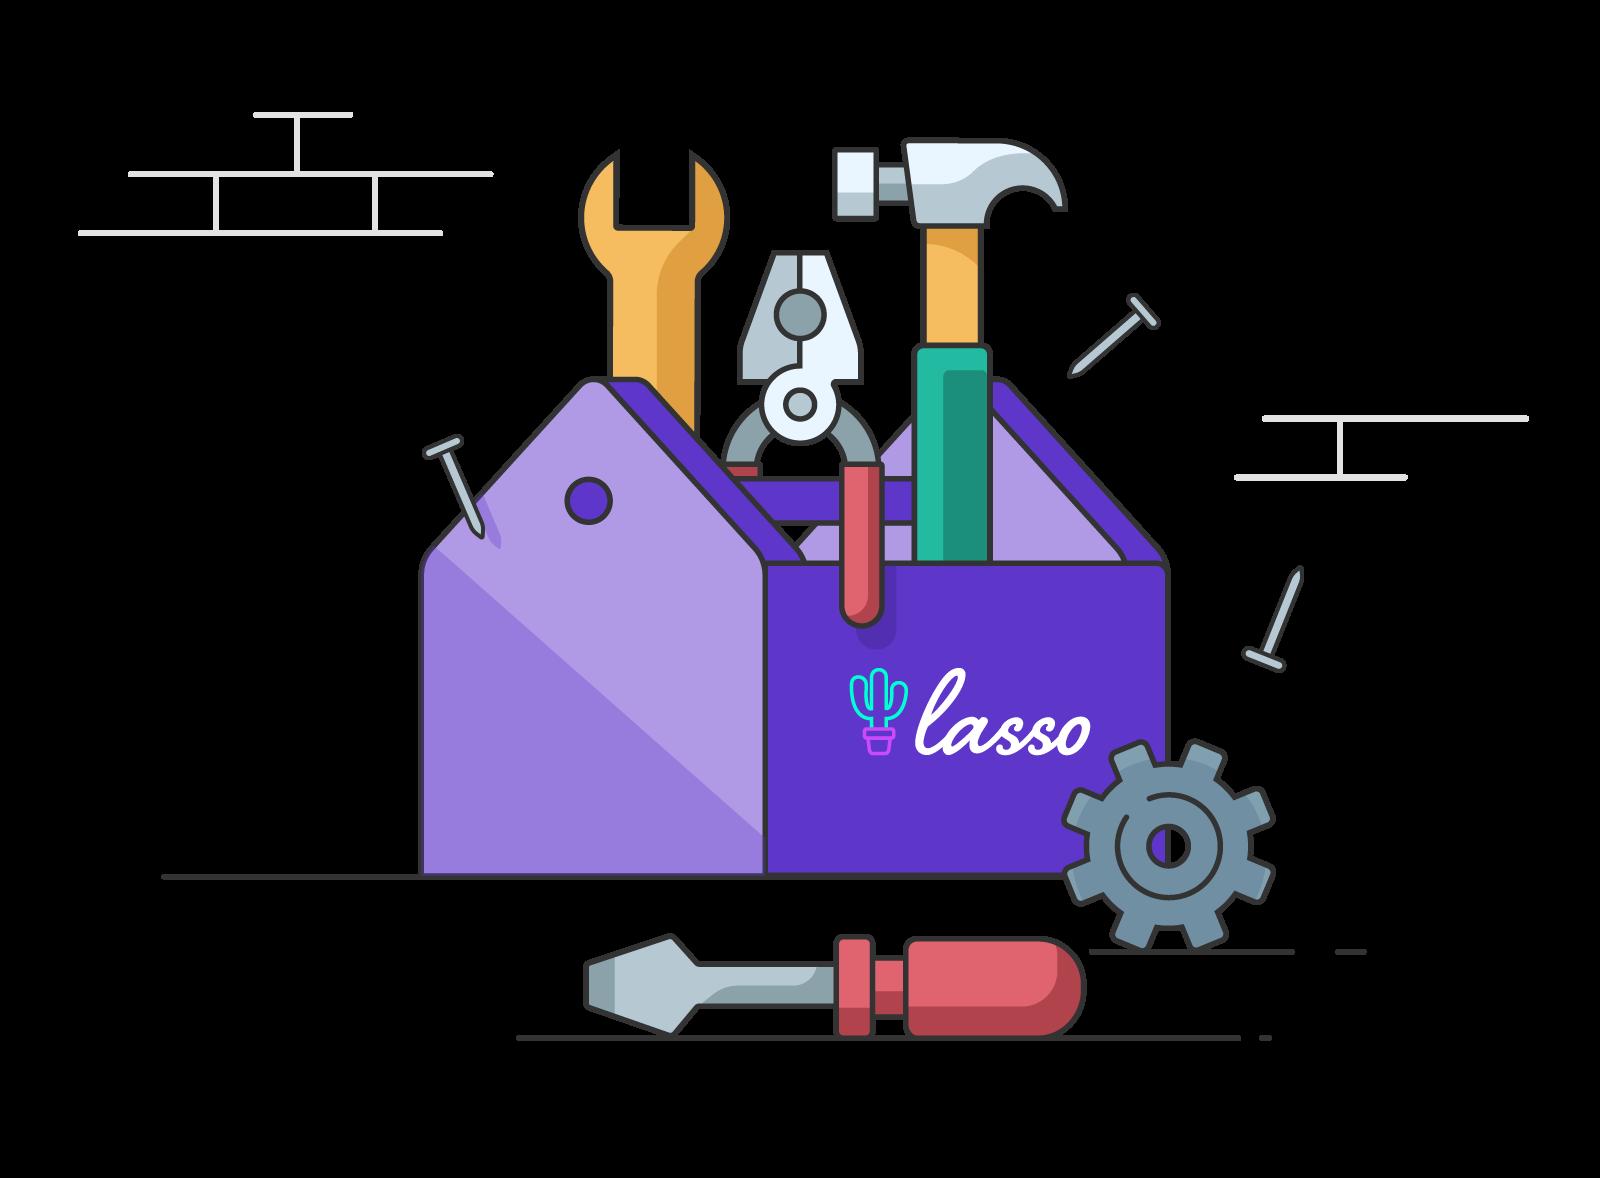 toolbox illustration